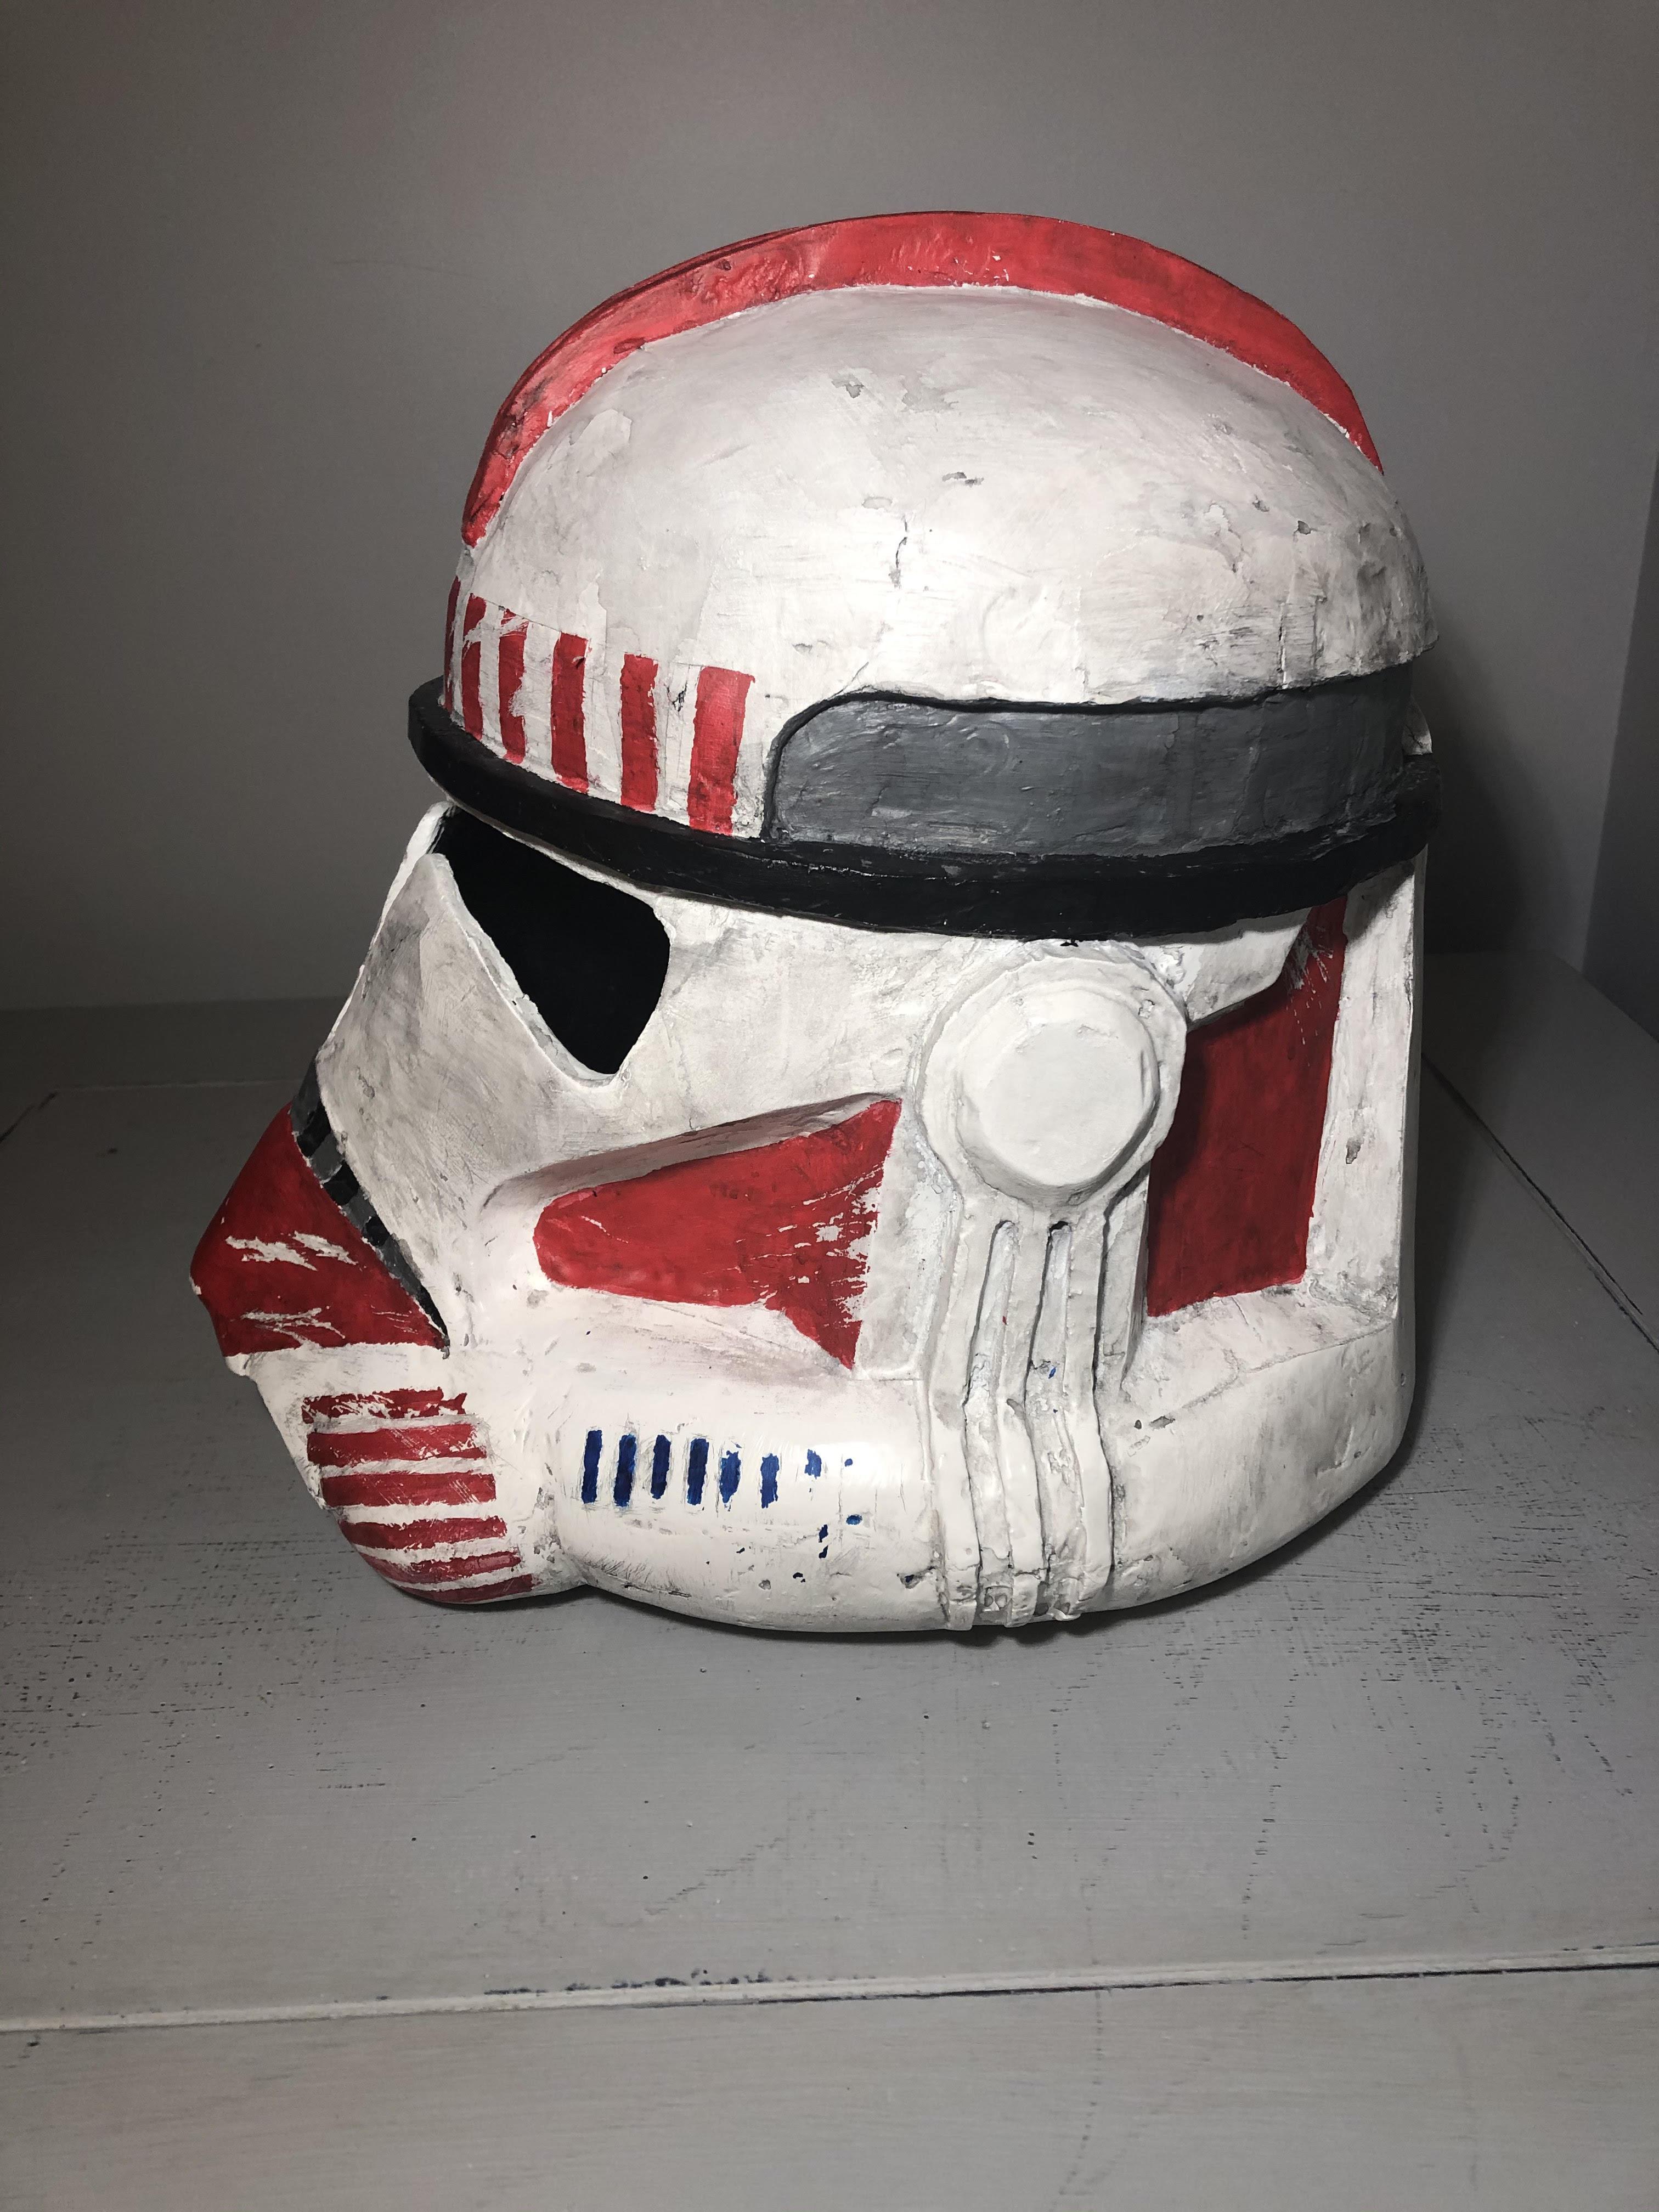 Phase II Helmet (Coruscant Guard) Photo #3.jpg